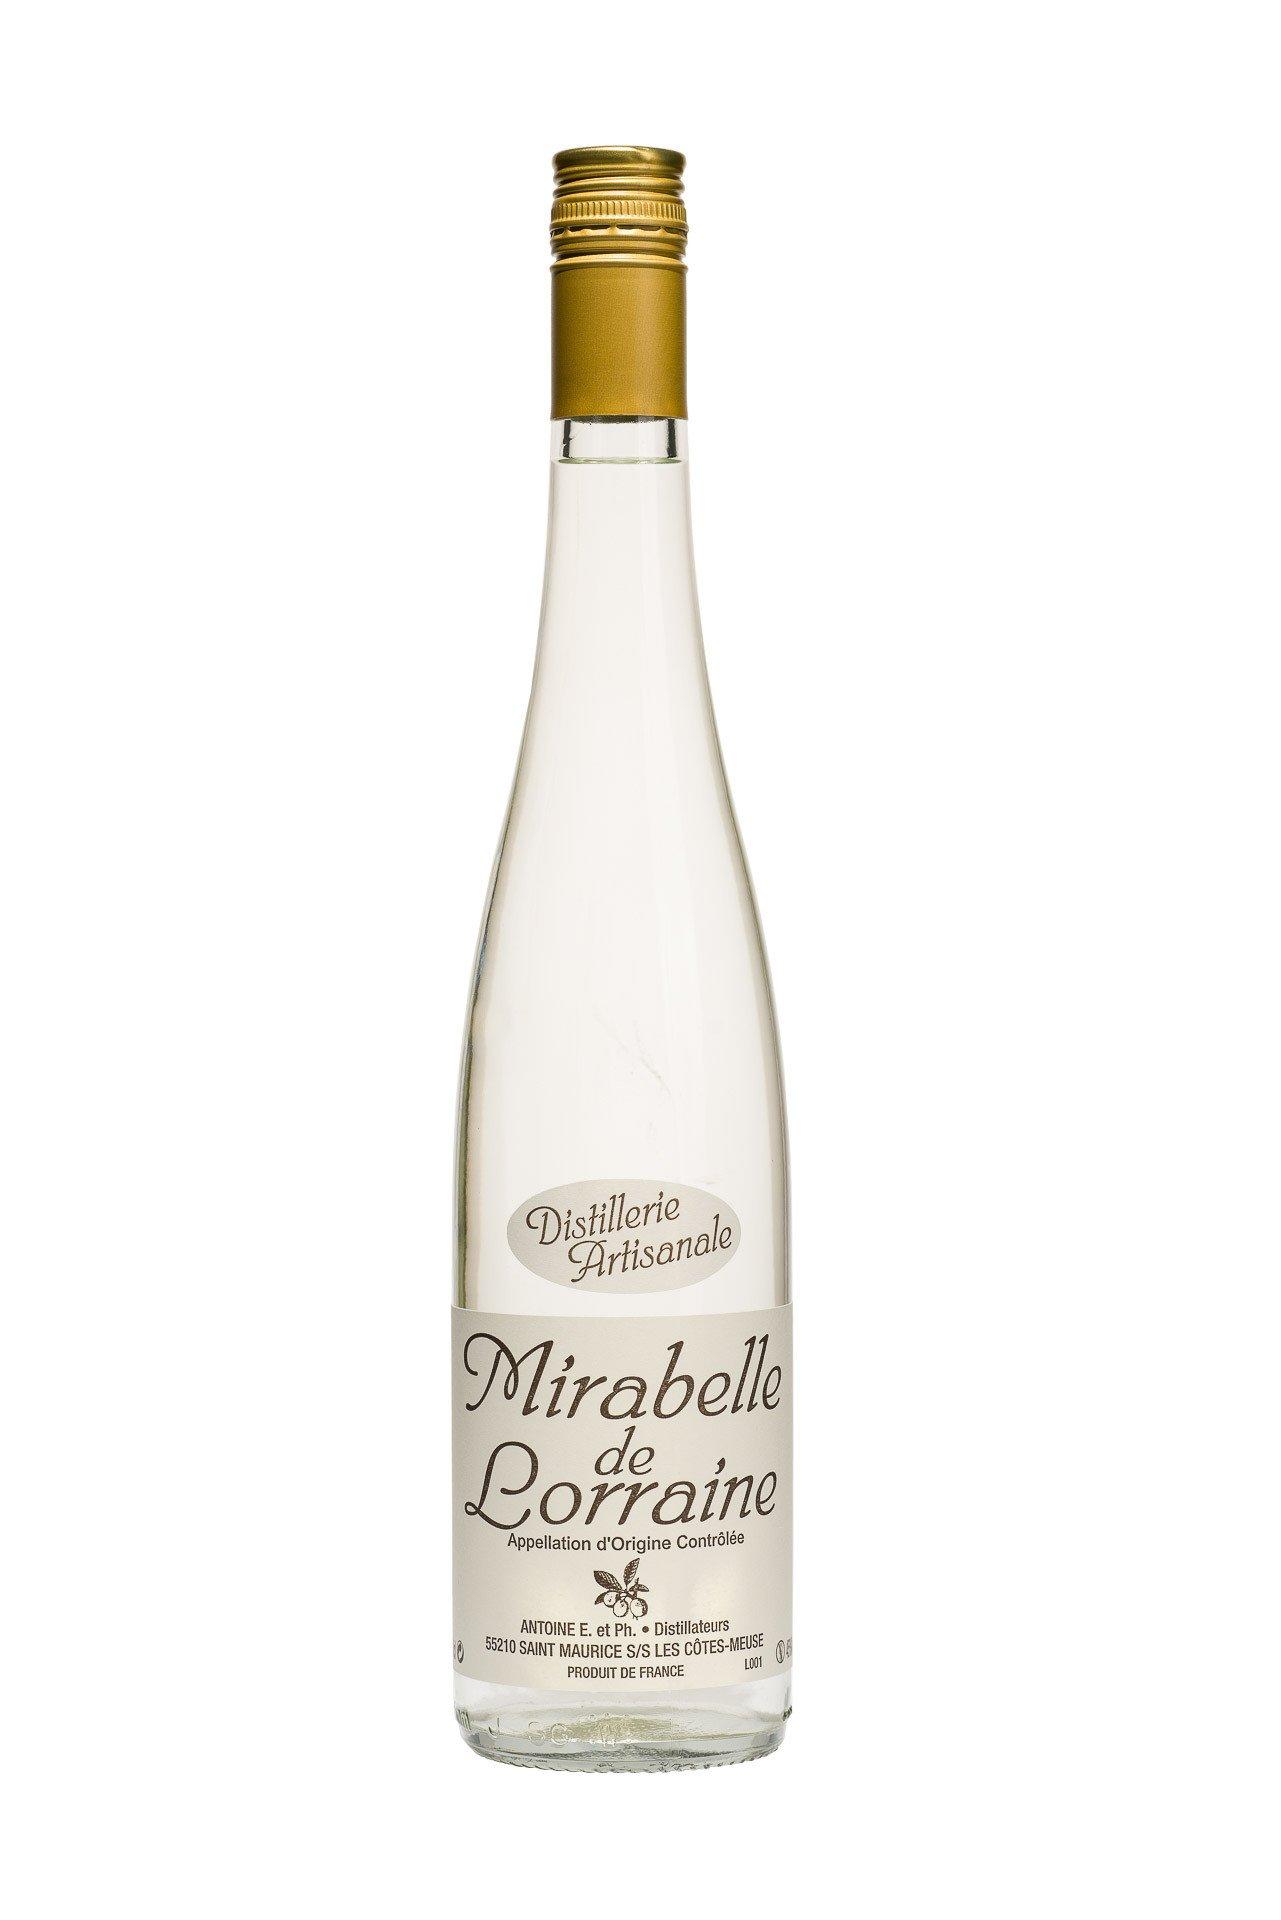 Eau de vie Mirabelle de Lorraine AOC 45°